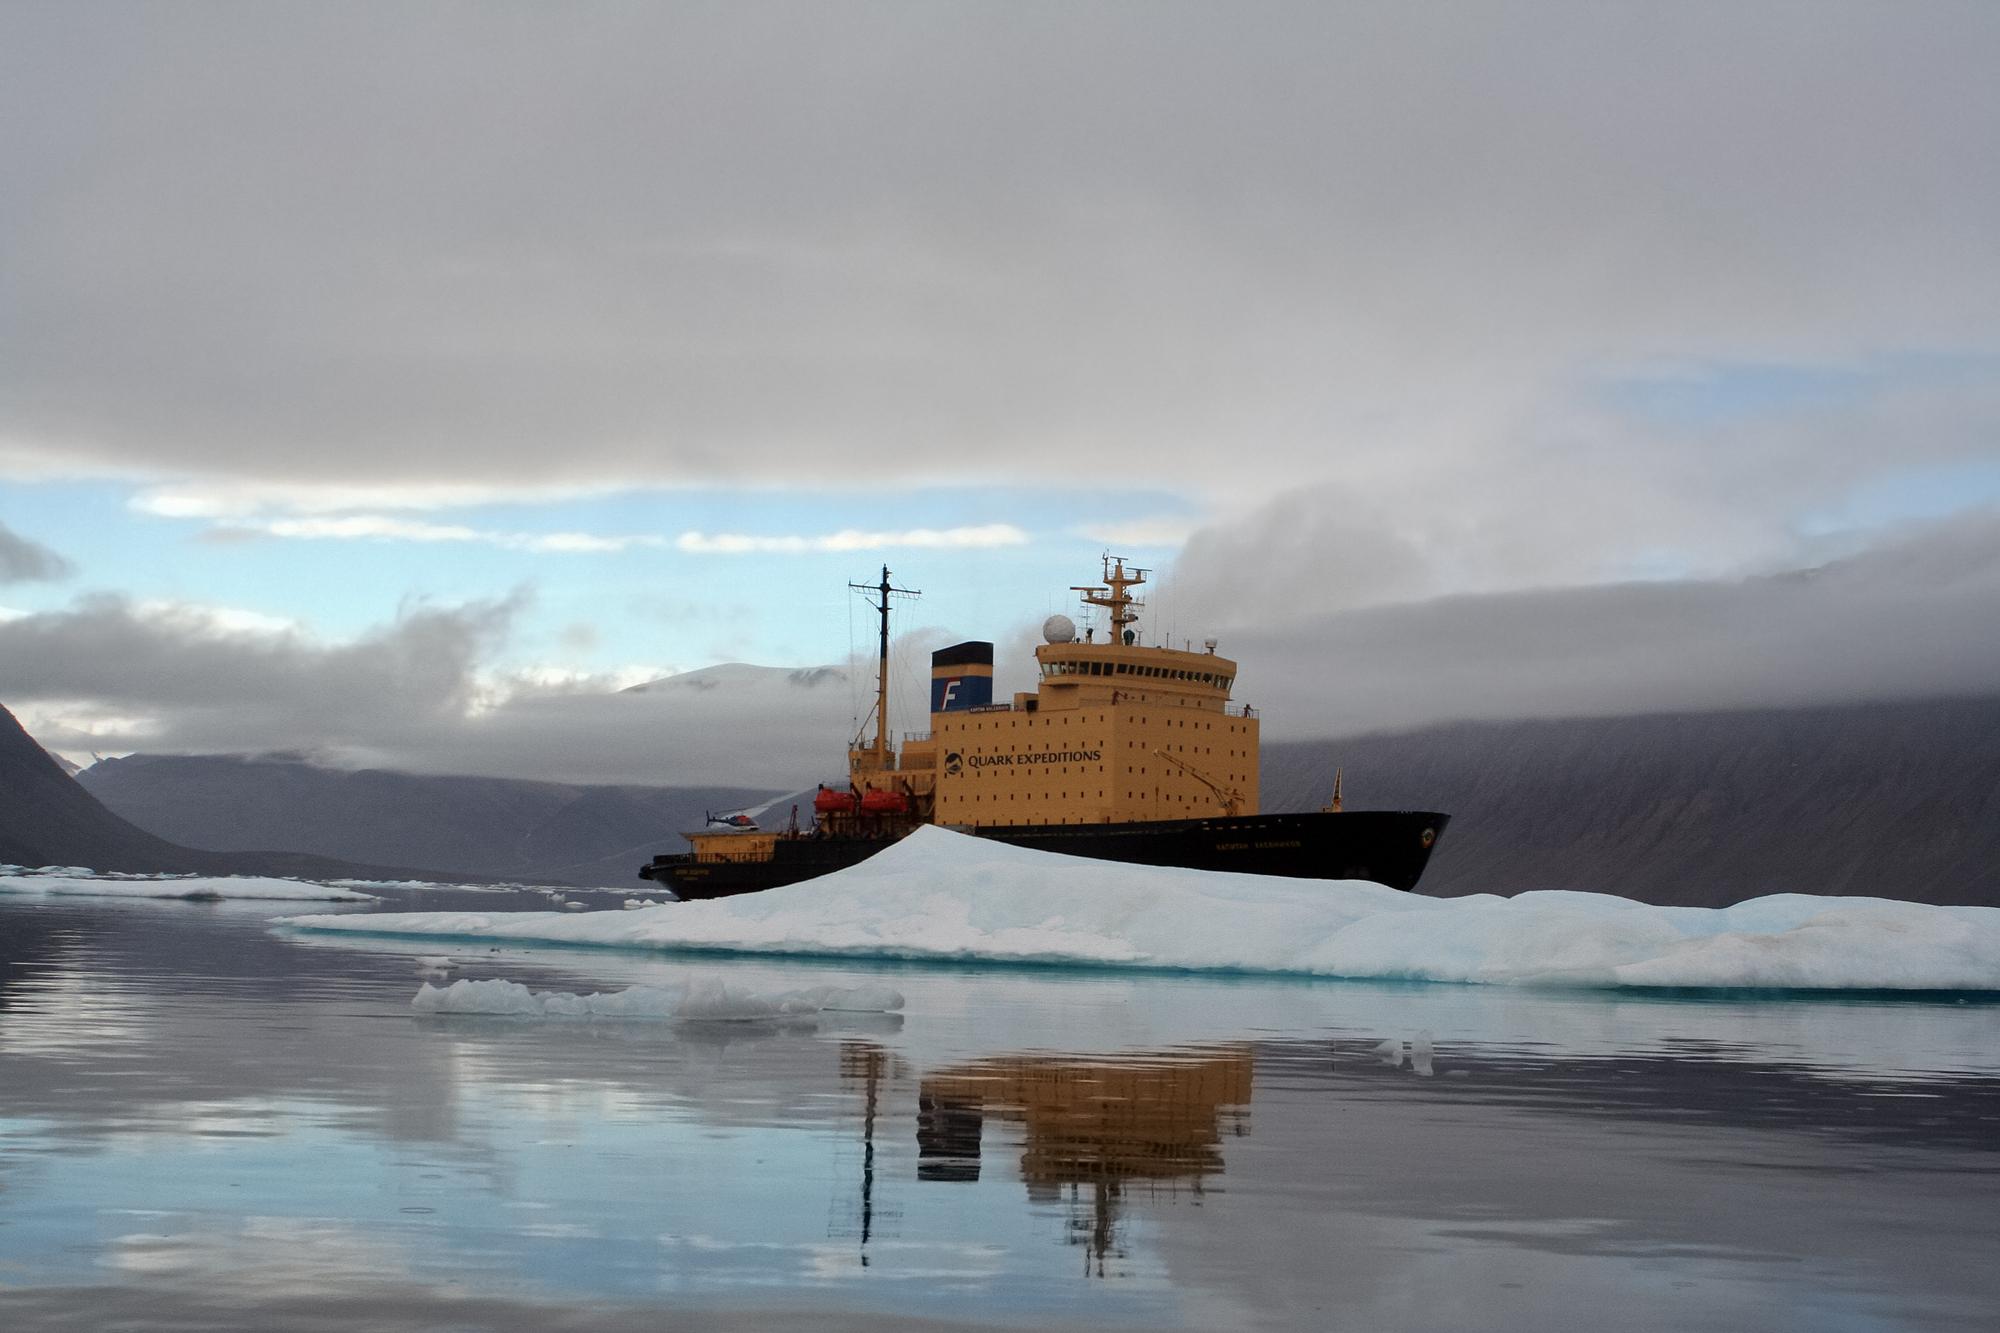 Le brise-glace Kapitan Khlebnikov en Arctique (Licence Creative Commons)